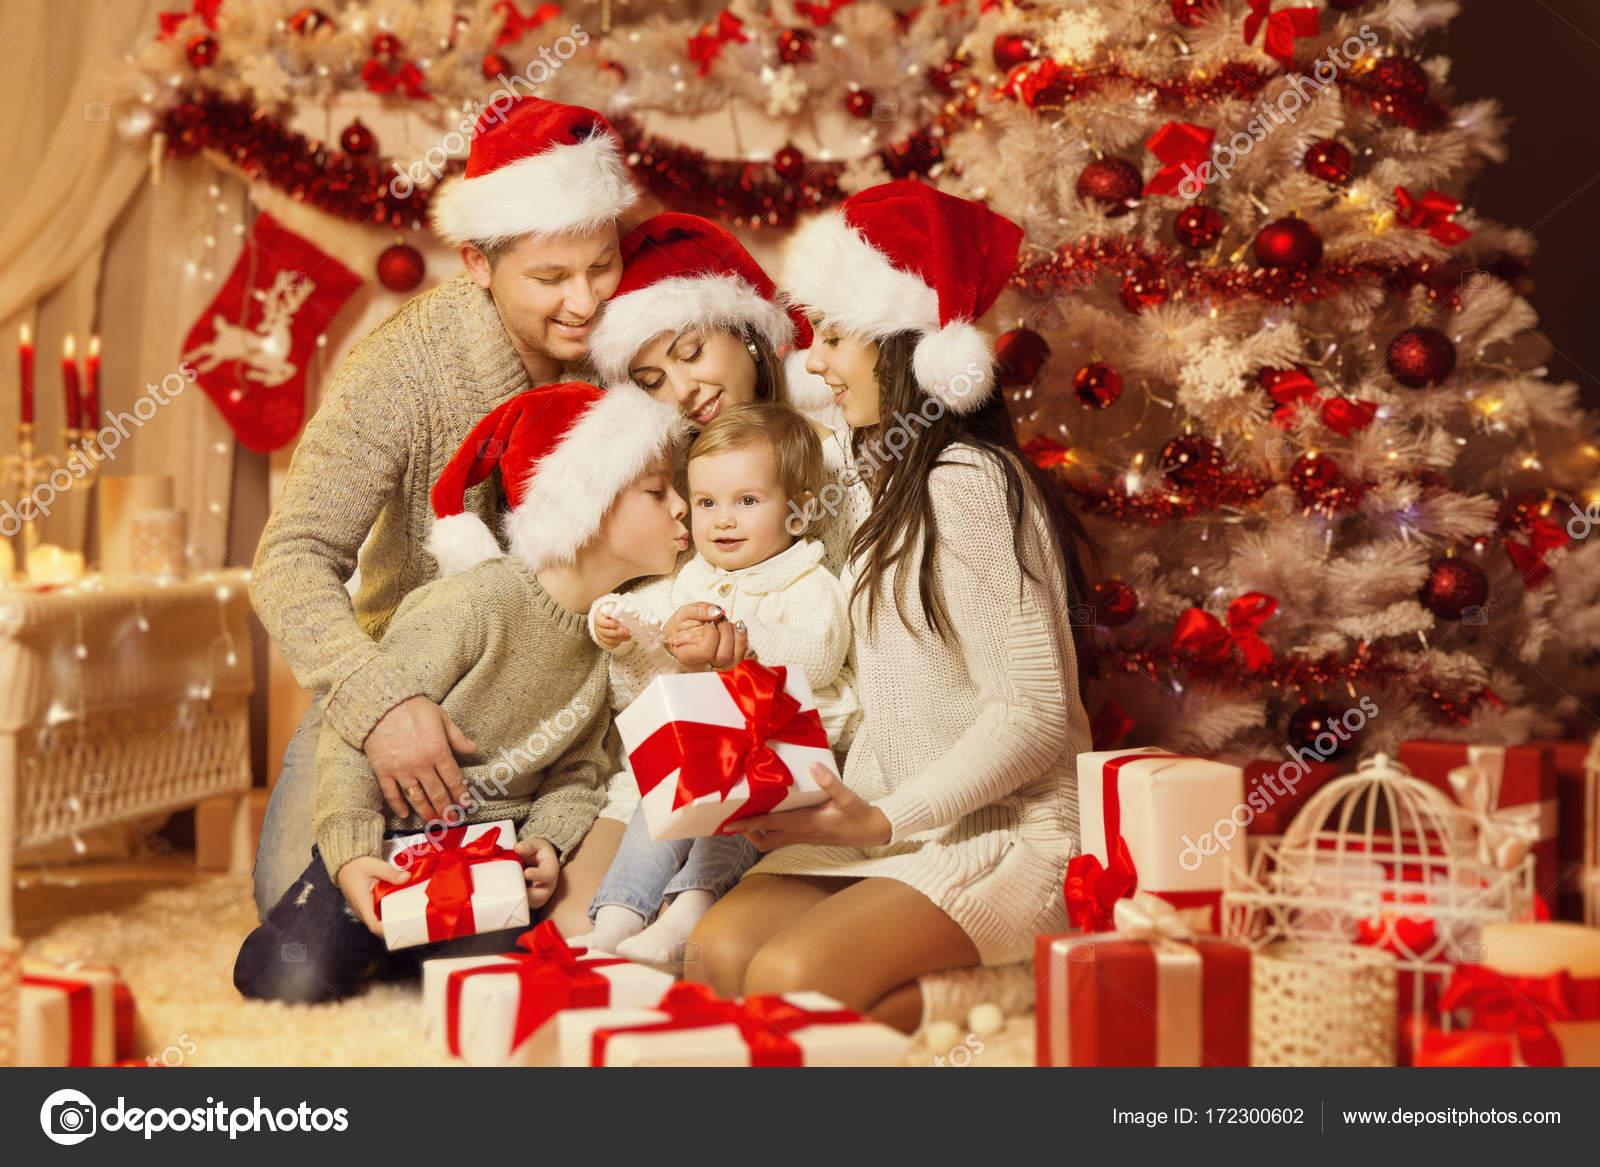 Weihnachten Family Portrait, glückliche Vater Mutter Kinder, Xmas ...